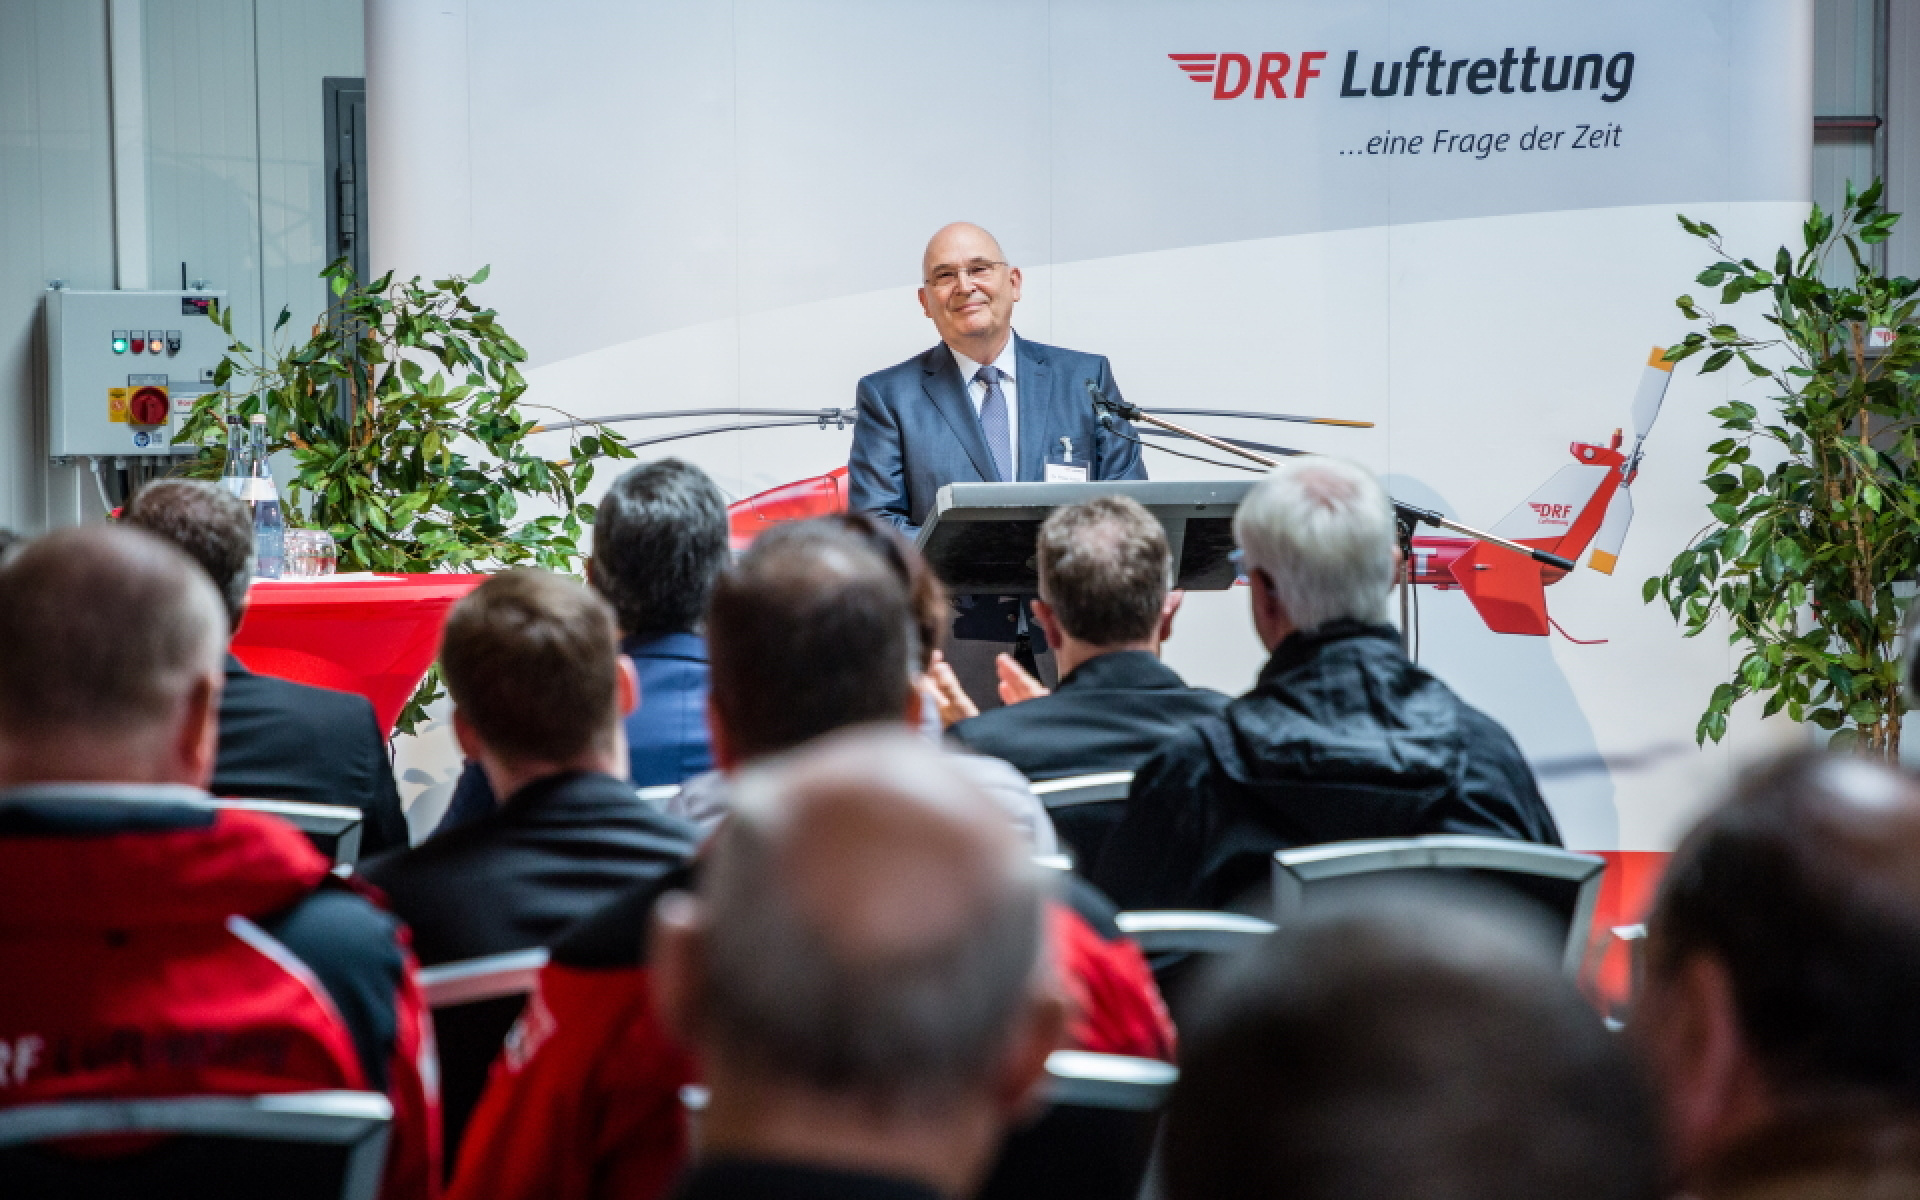 """Dr. Peter Huber, Vorstand DRF Stiftung Luftrettung gemeinnützige AG, bei seiner Rede zum 30. Jubiläum von """"Christoph 51""""."""